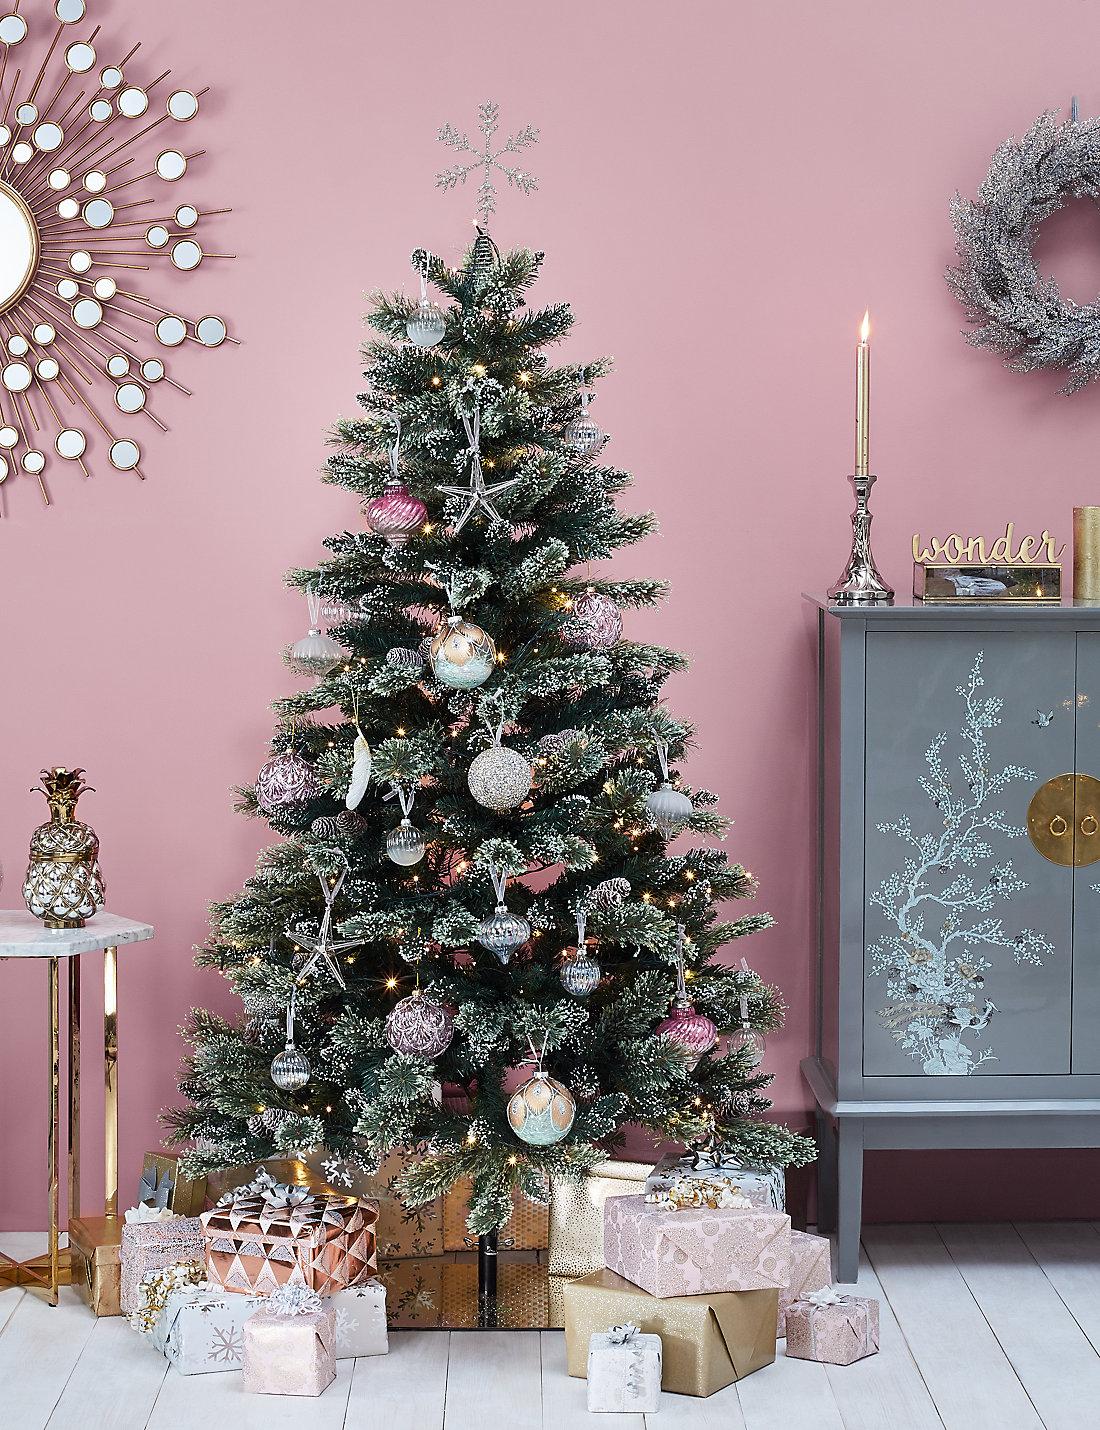 Gambar Pohon Natal 2017 - WargaNet